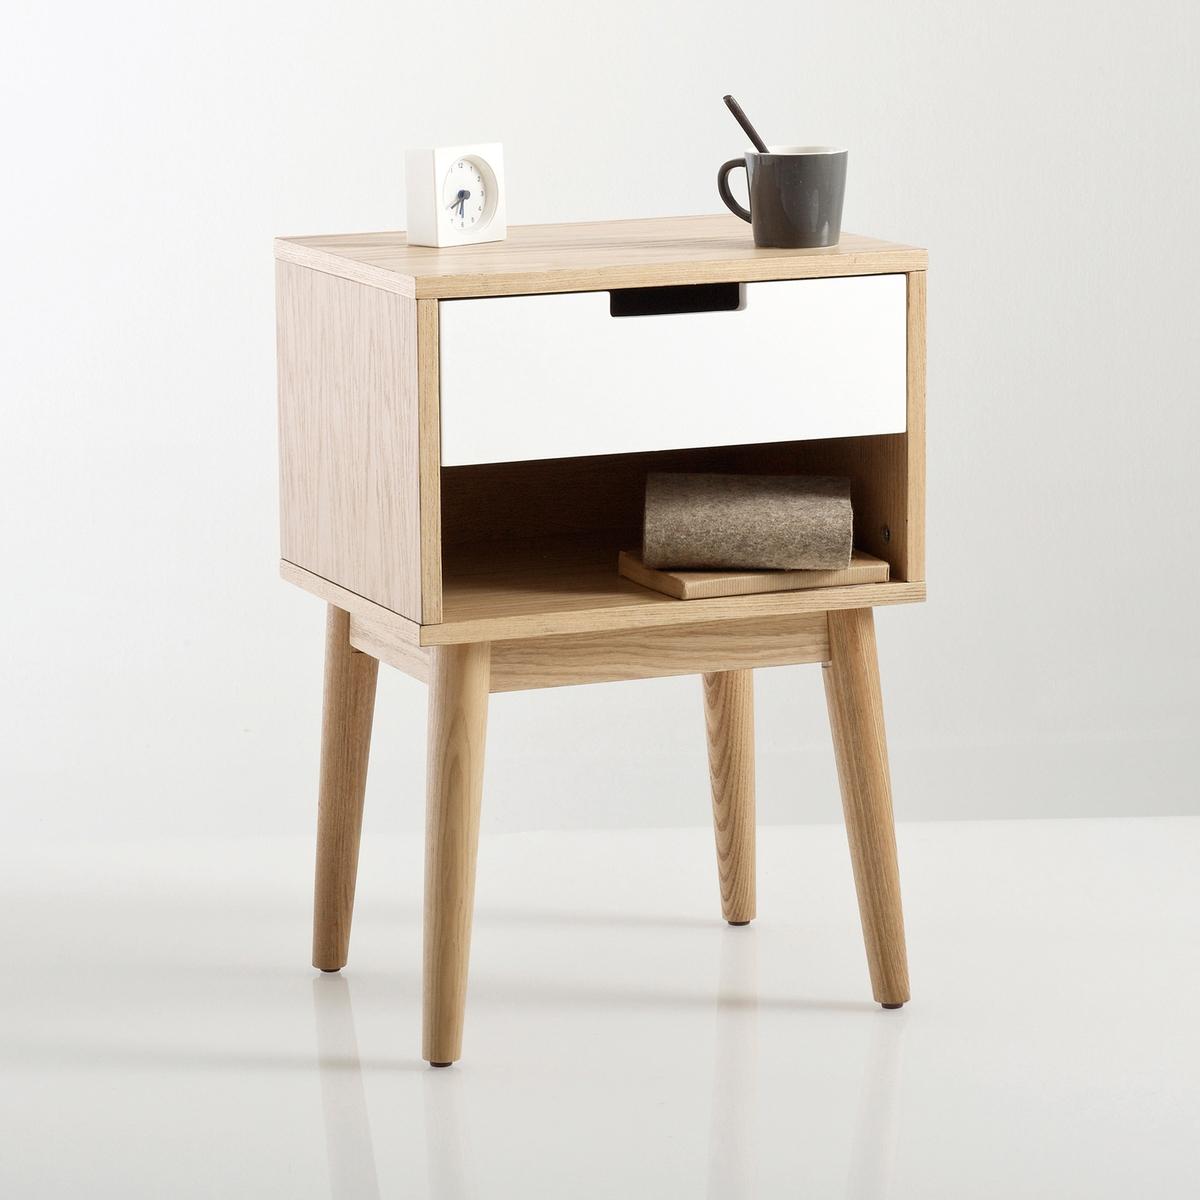 Столик прикроватный в винтажном стиле, JIMI столик прикроватный в винтажном стиле jimi